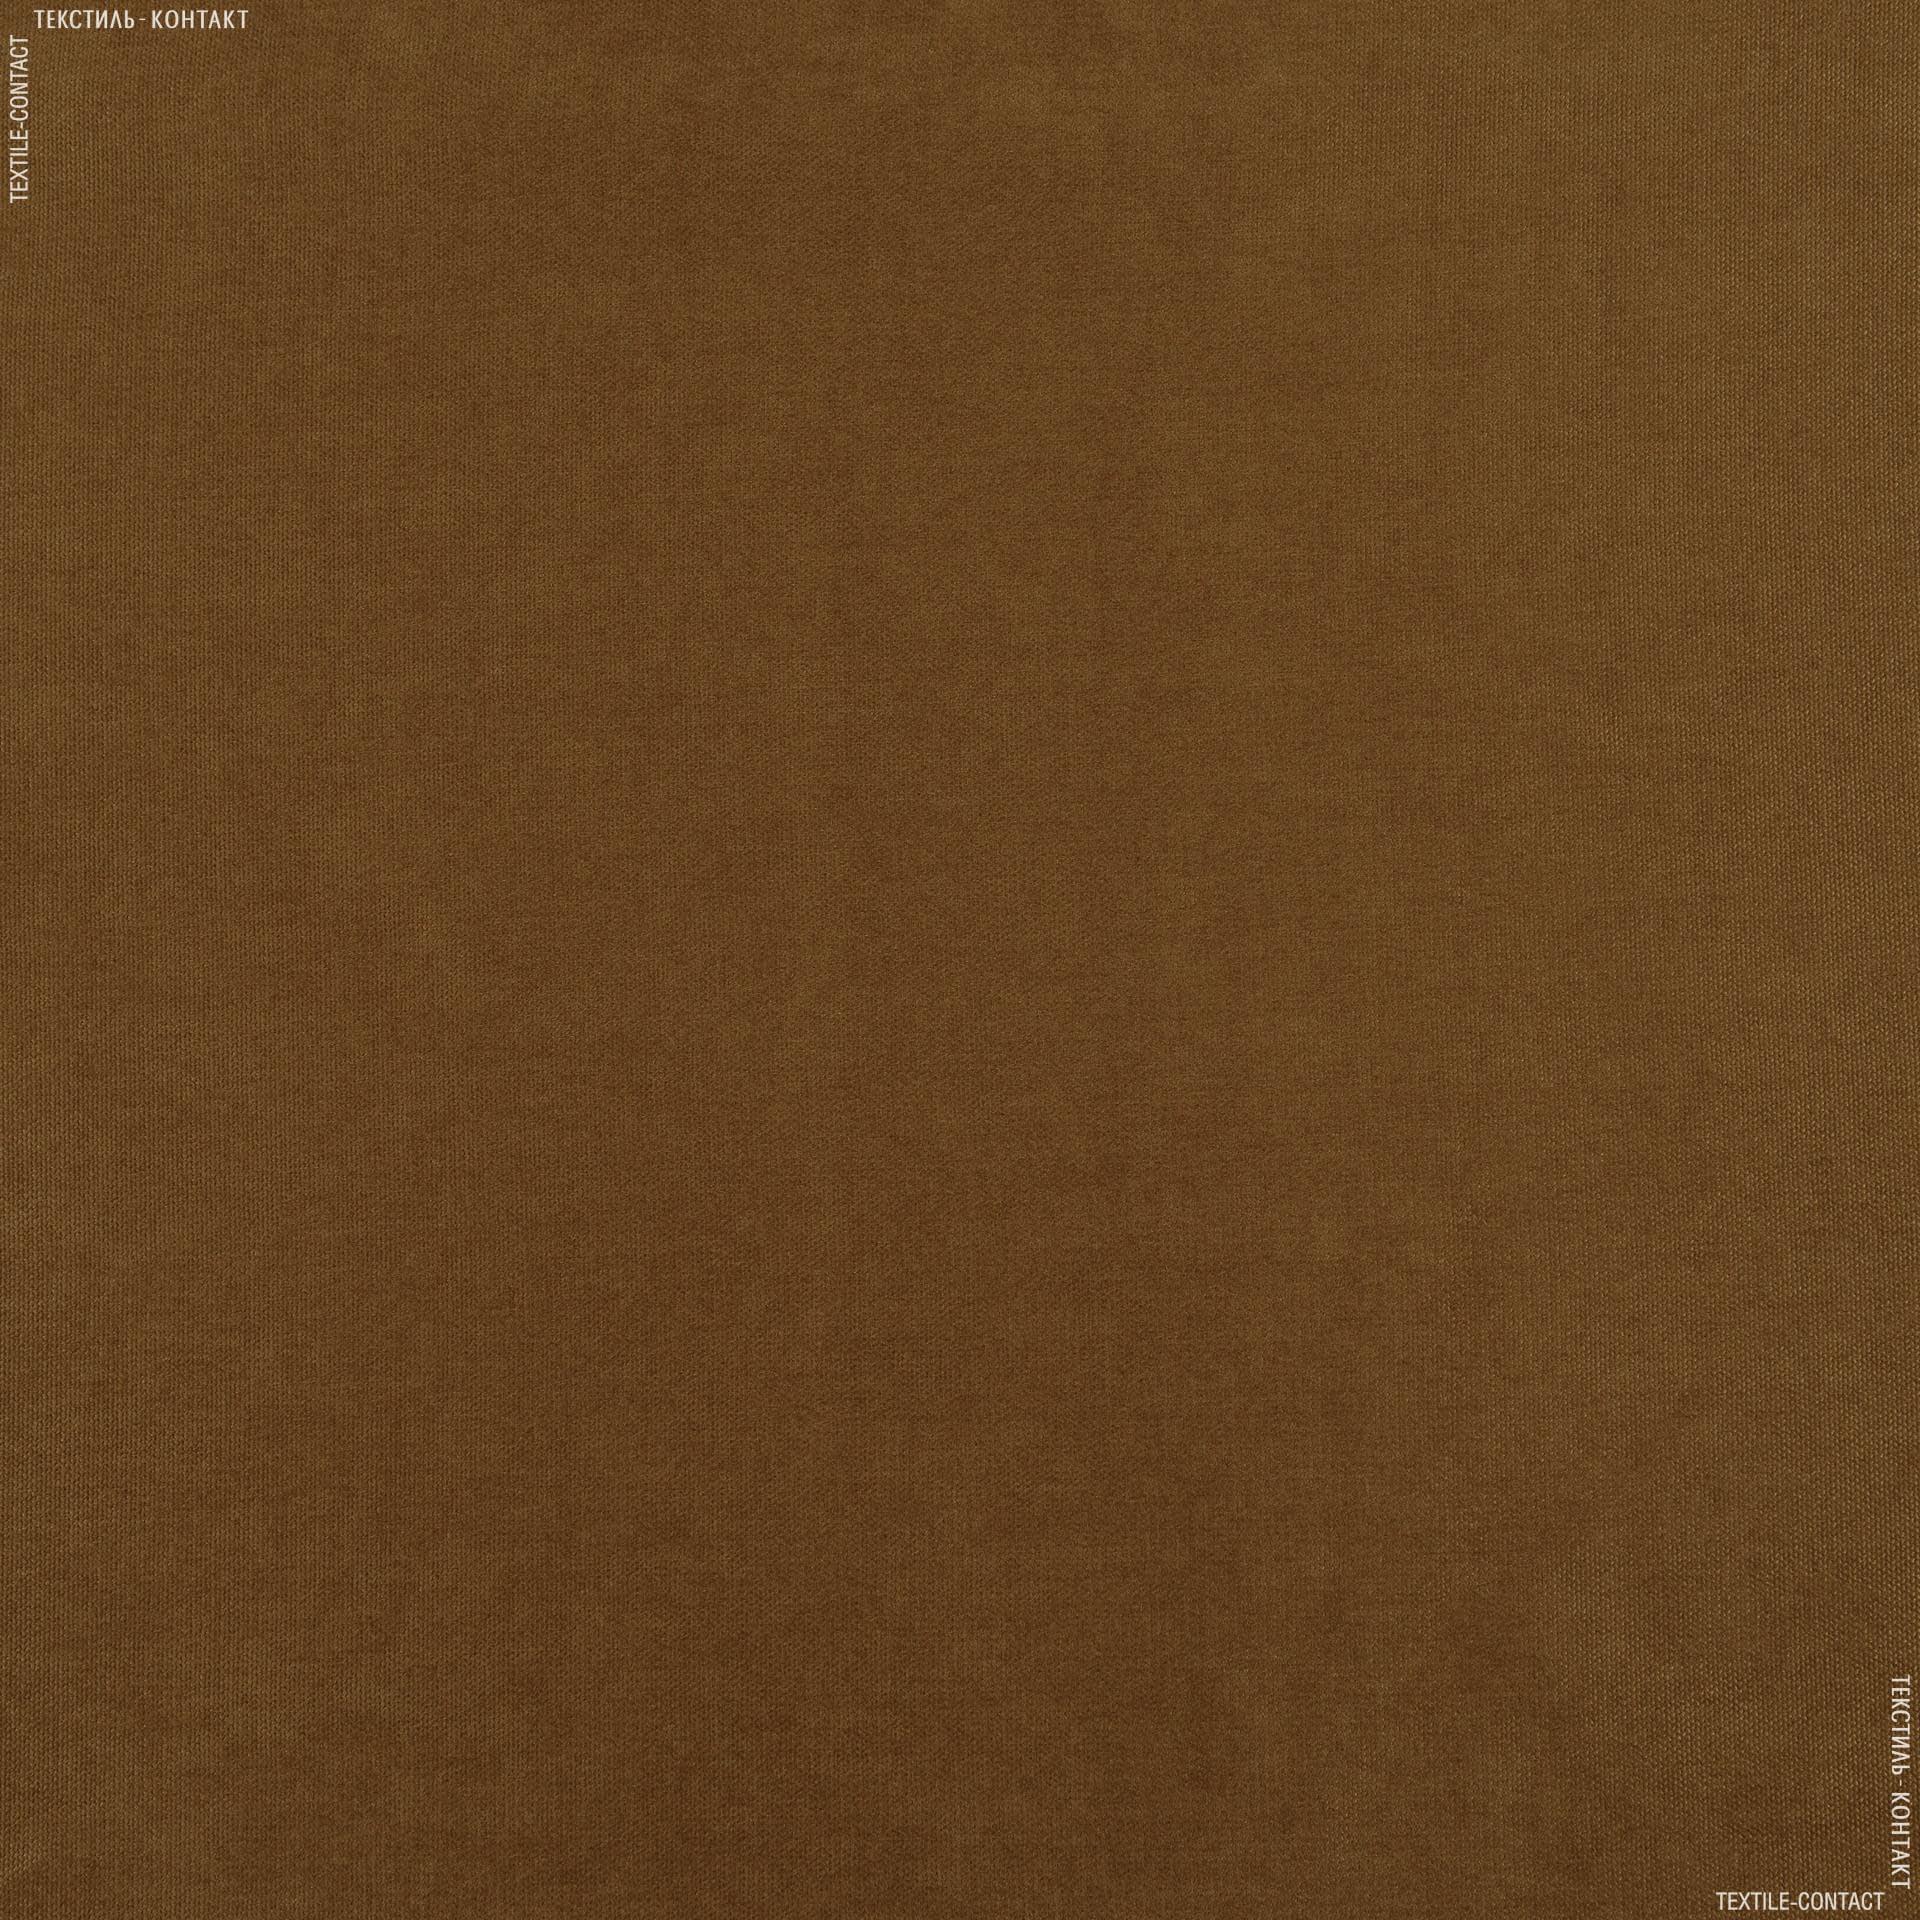 Ткани портьерные ткани - Нубук арвин